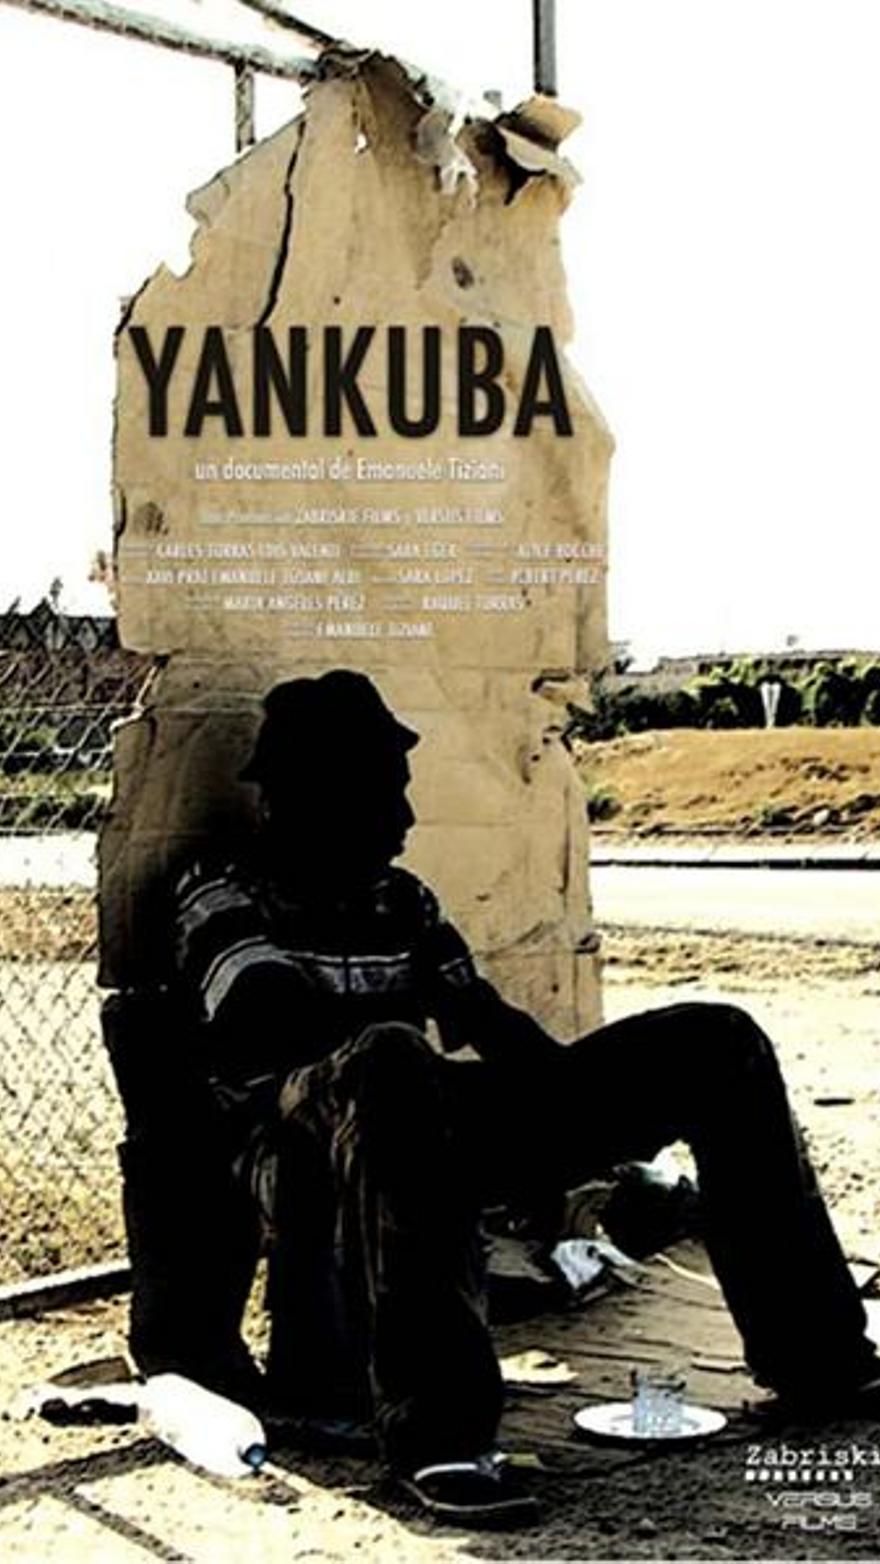 Yankuba